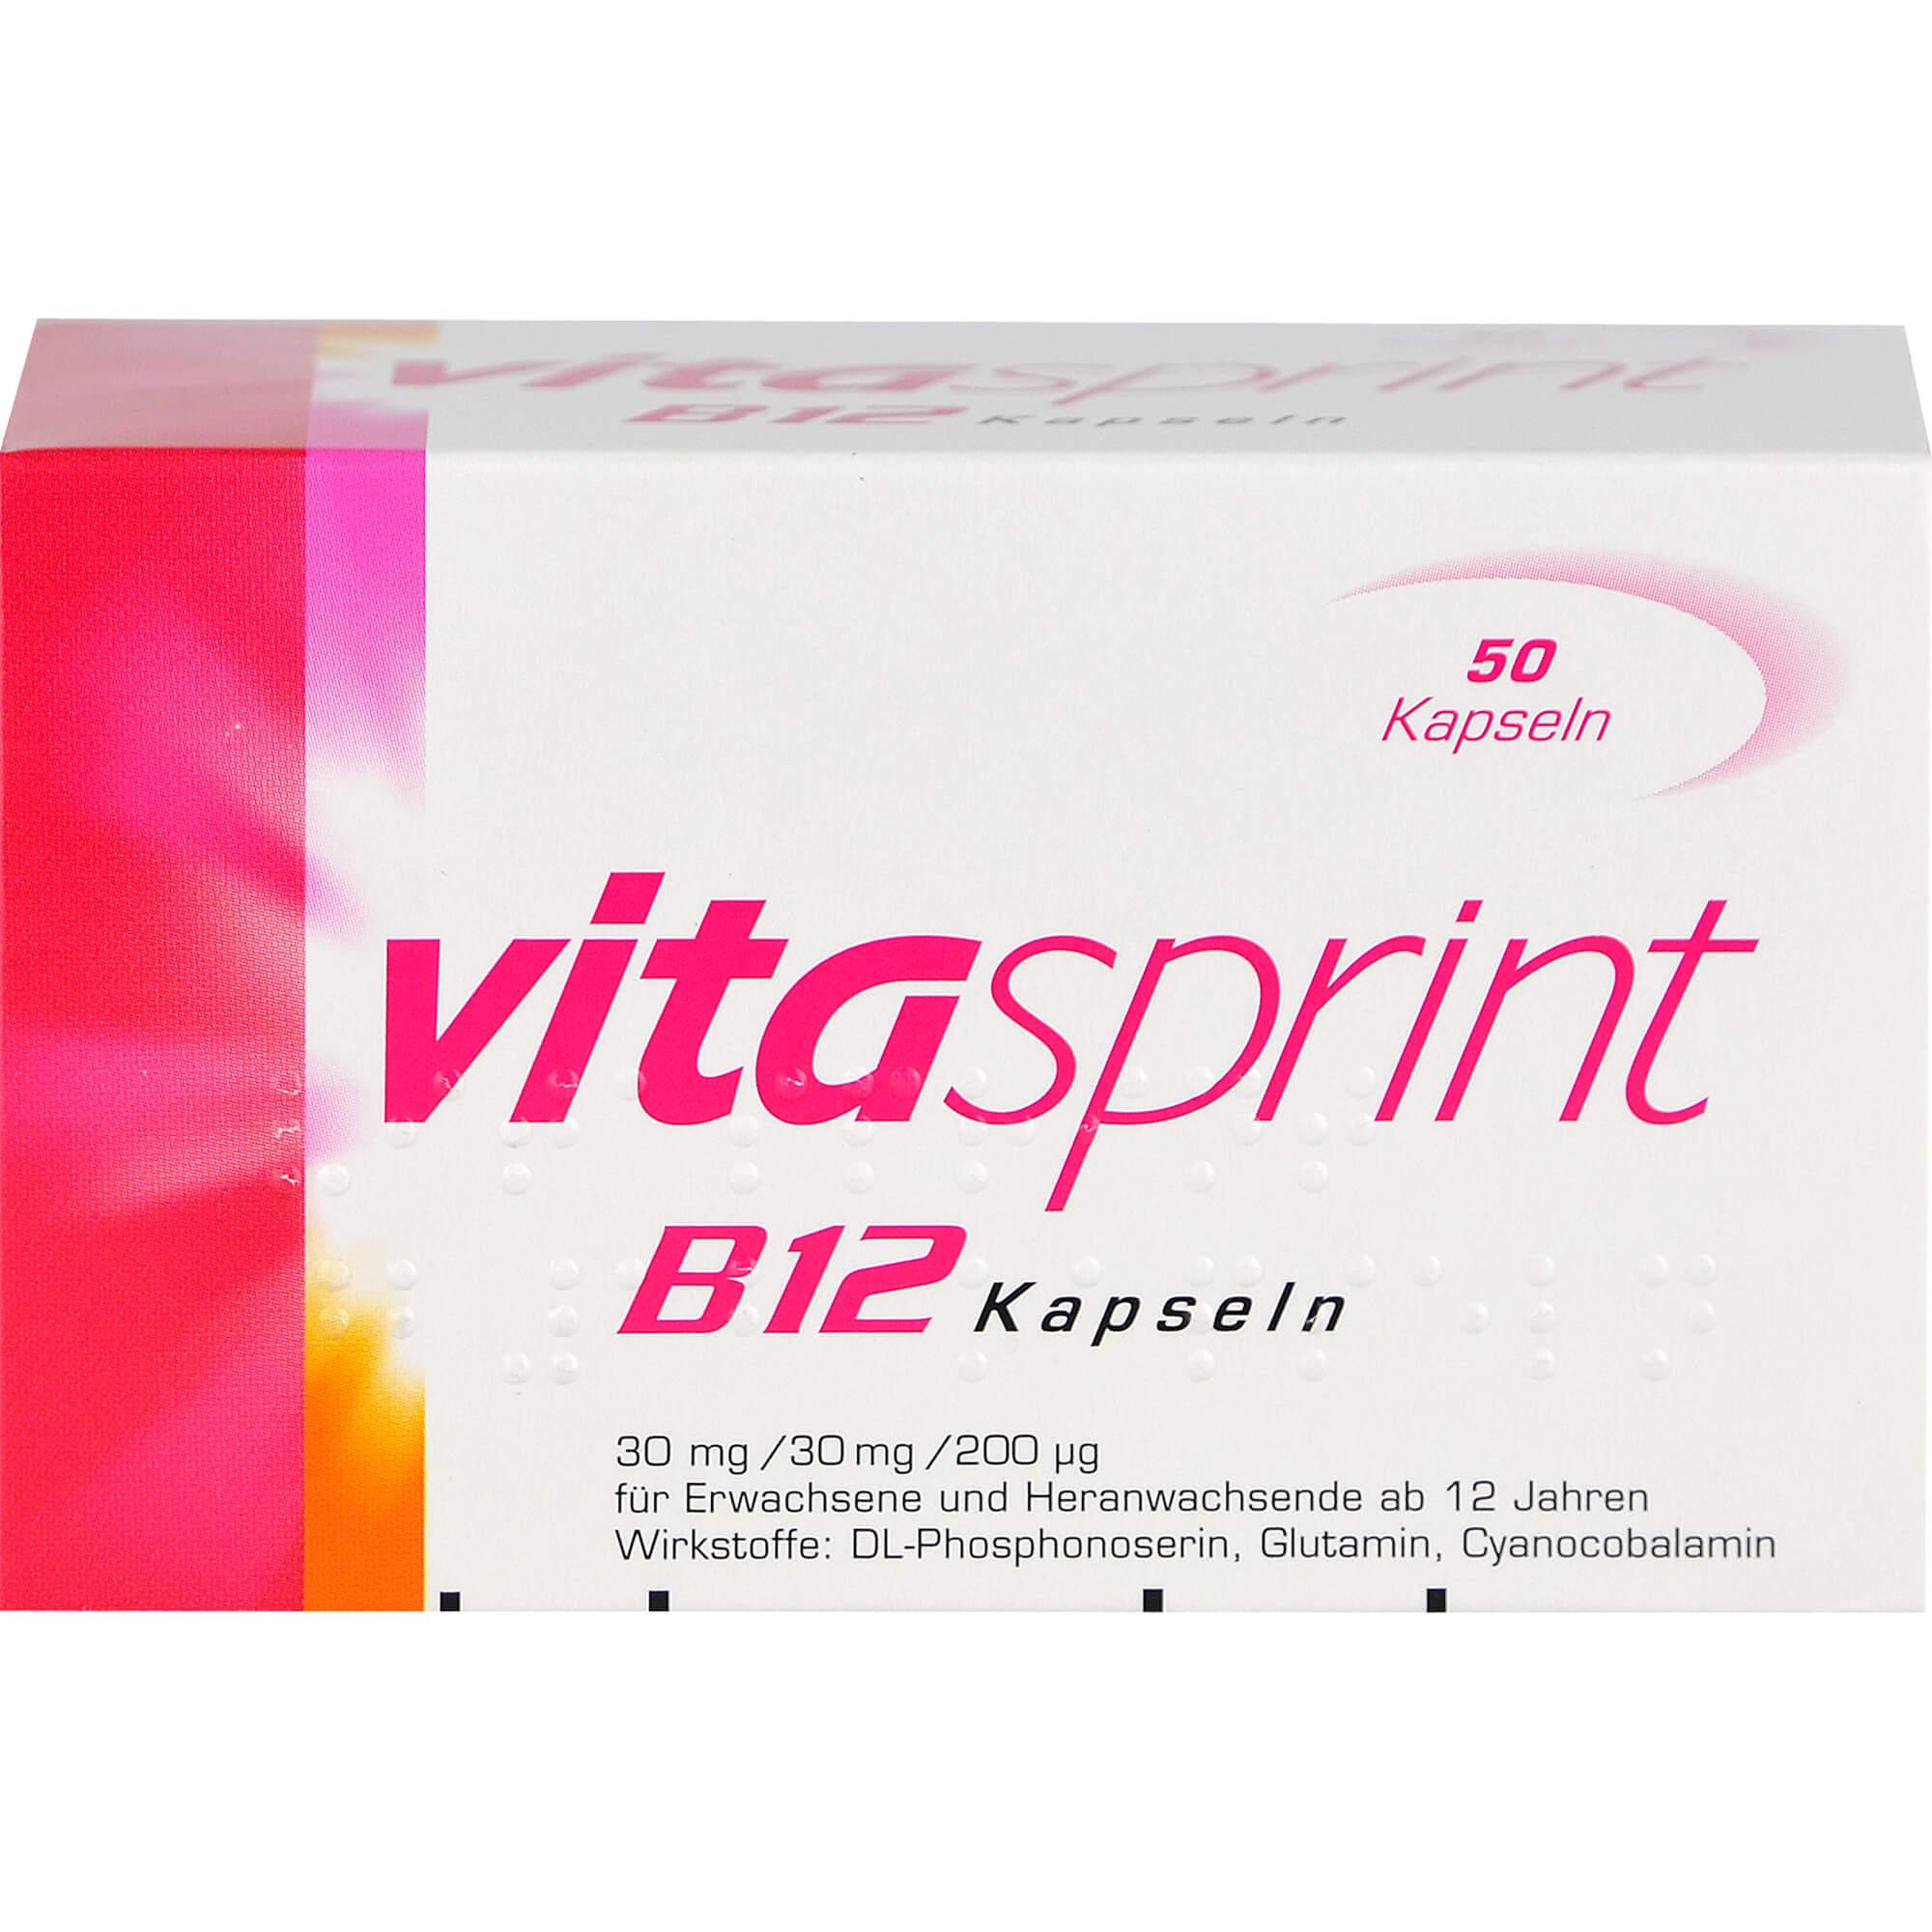 VITASPRINT-B12-Kapseln